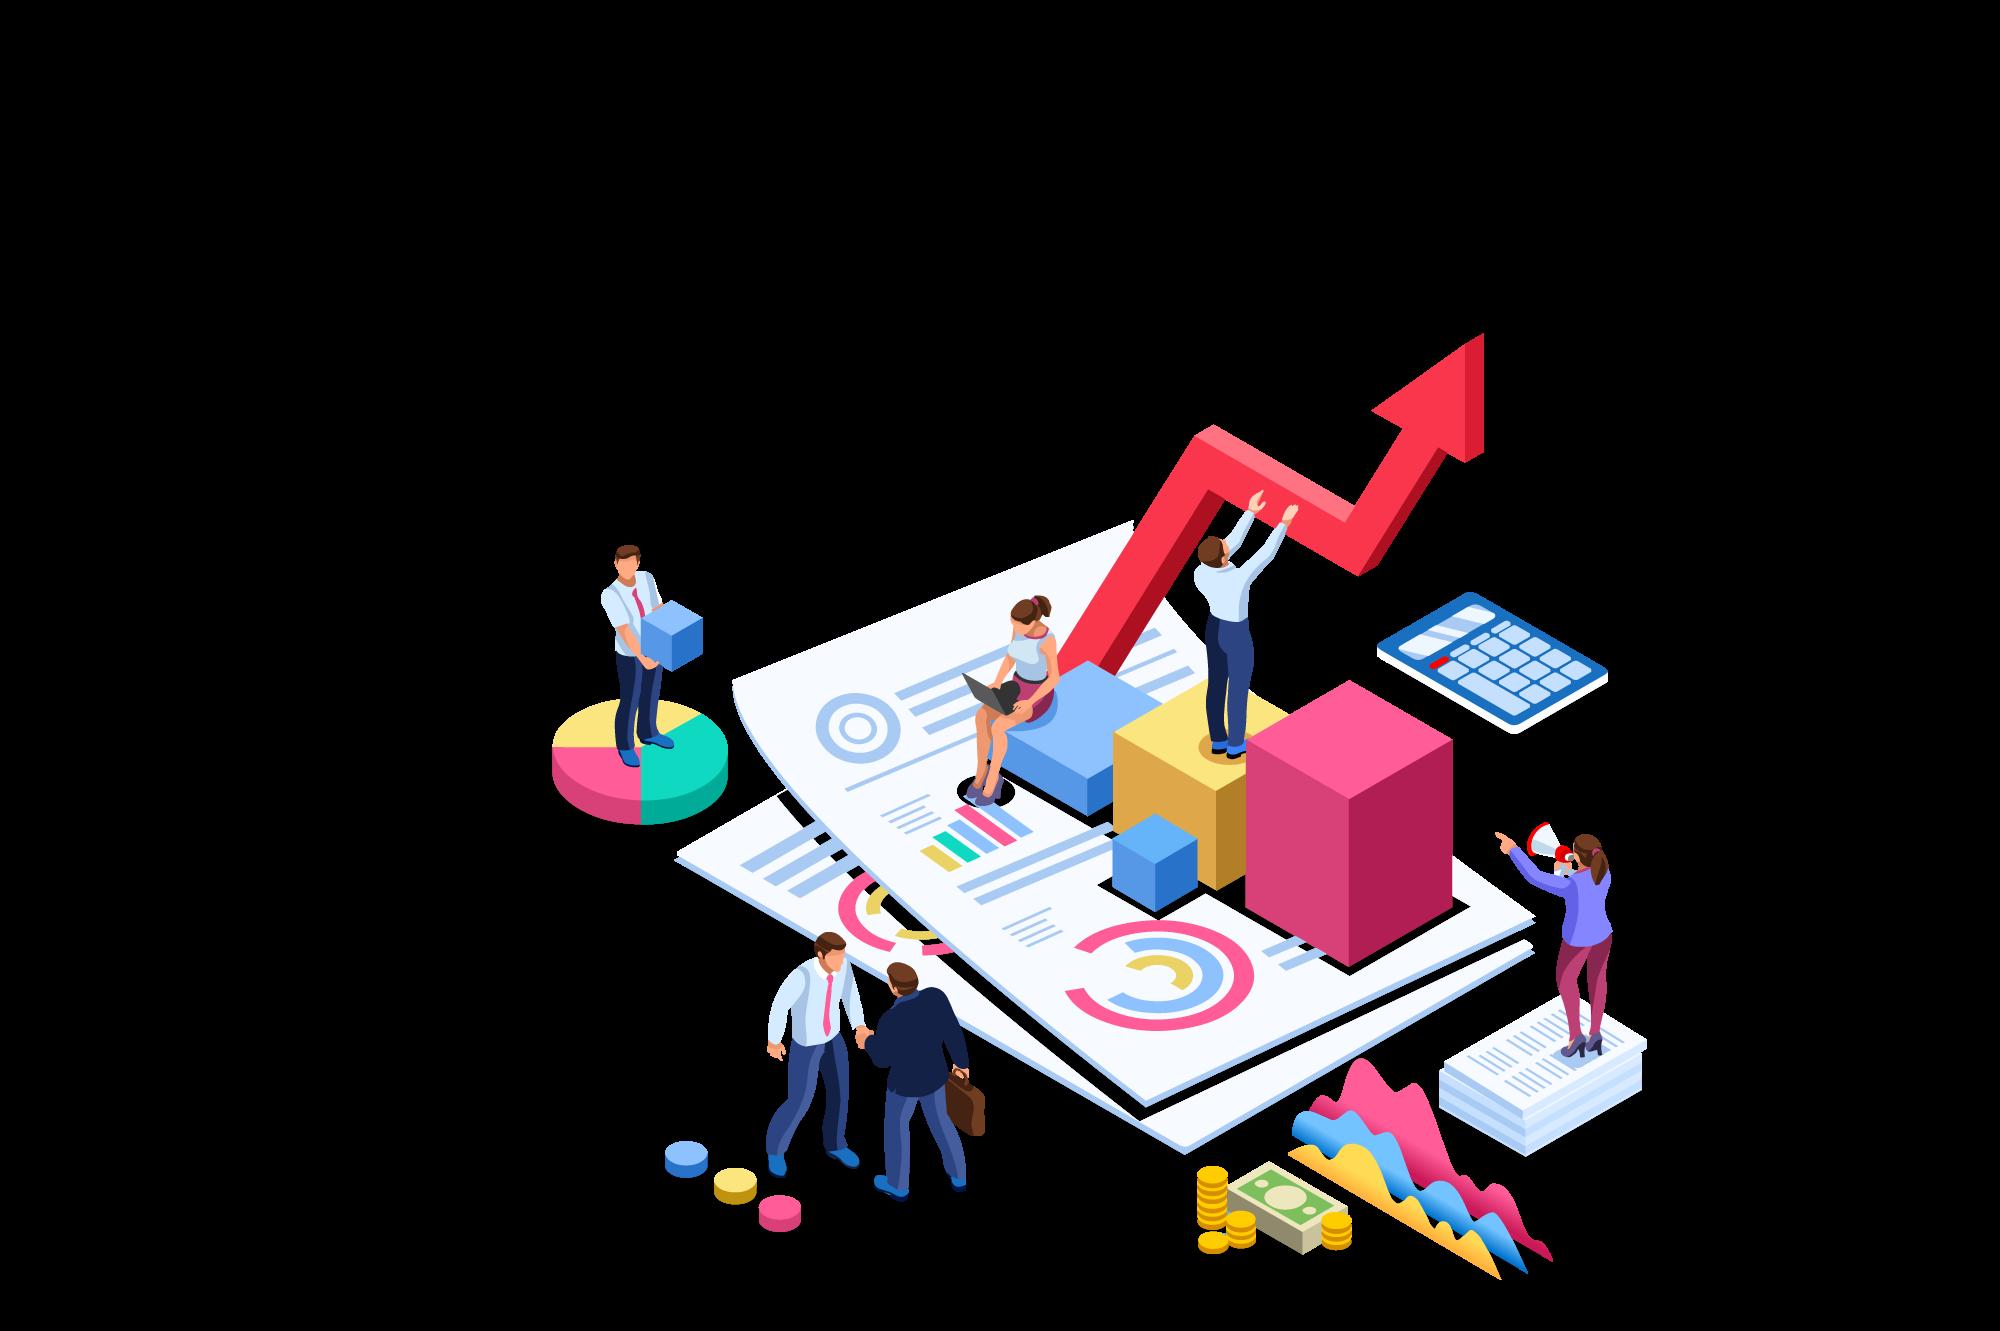 Guia da gestão financeira empresarial completa   Por onde começar a gestão financeira?